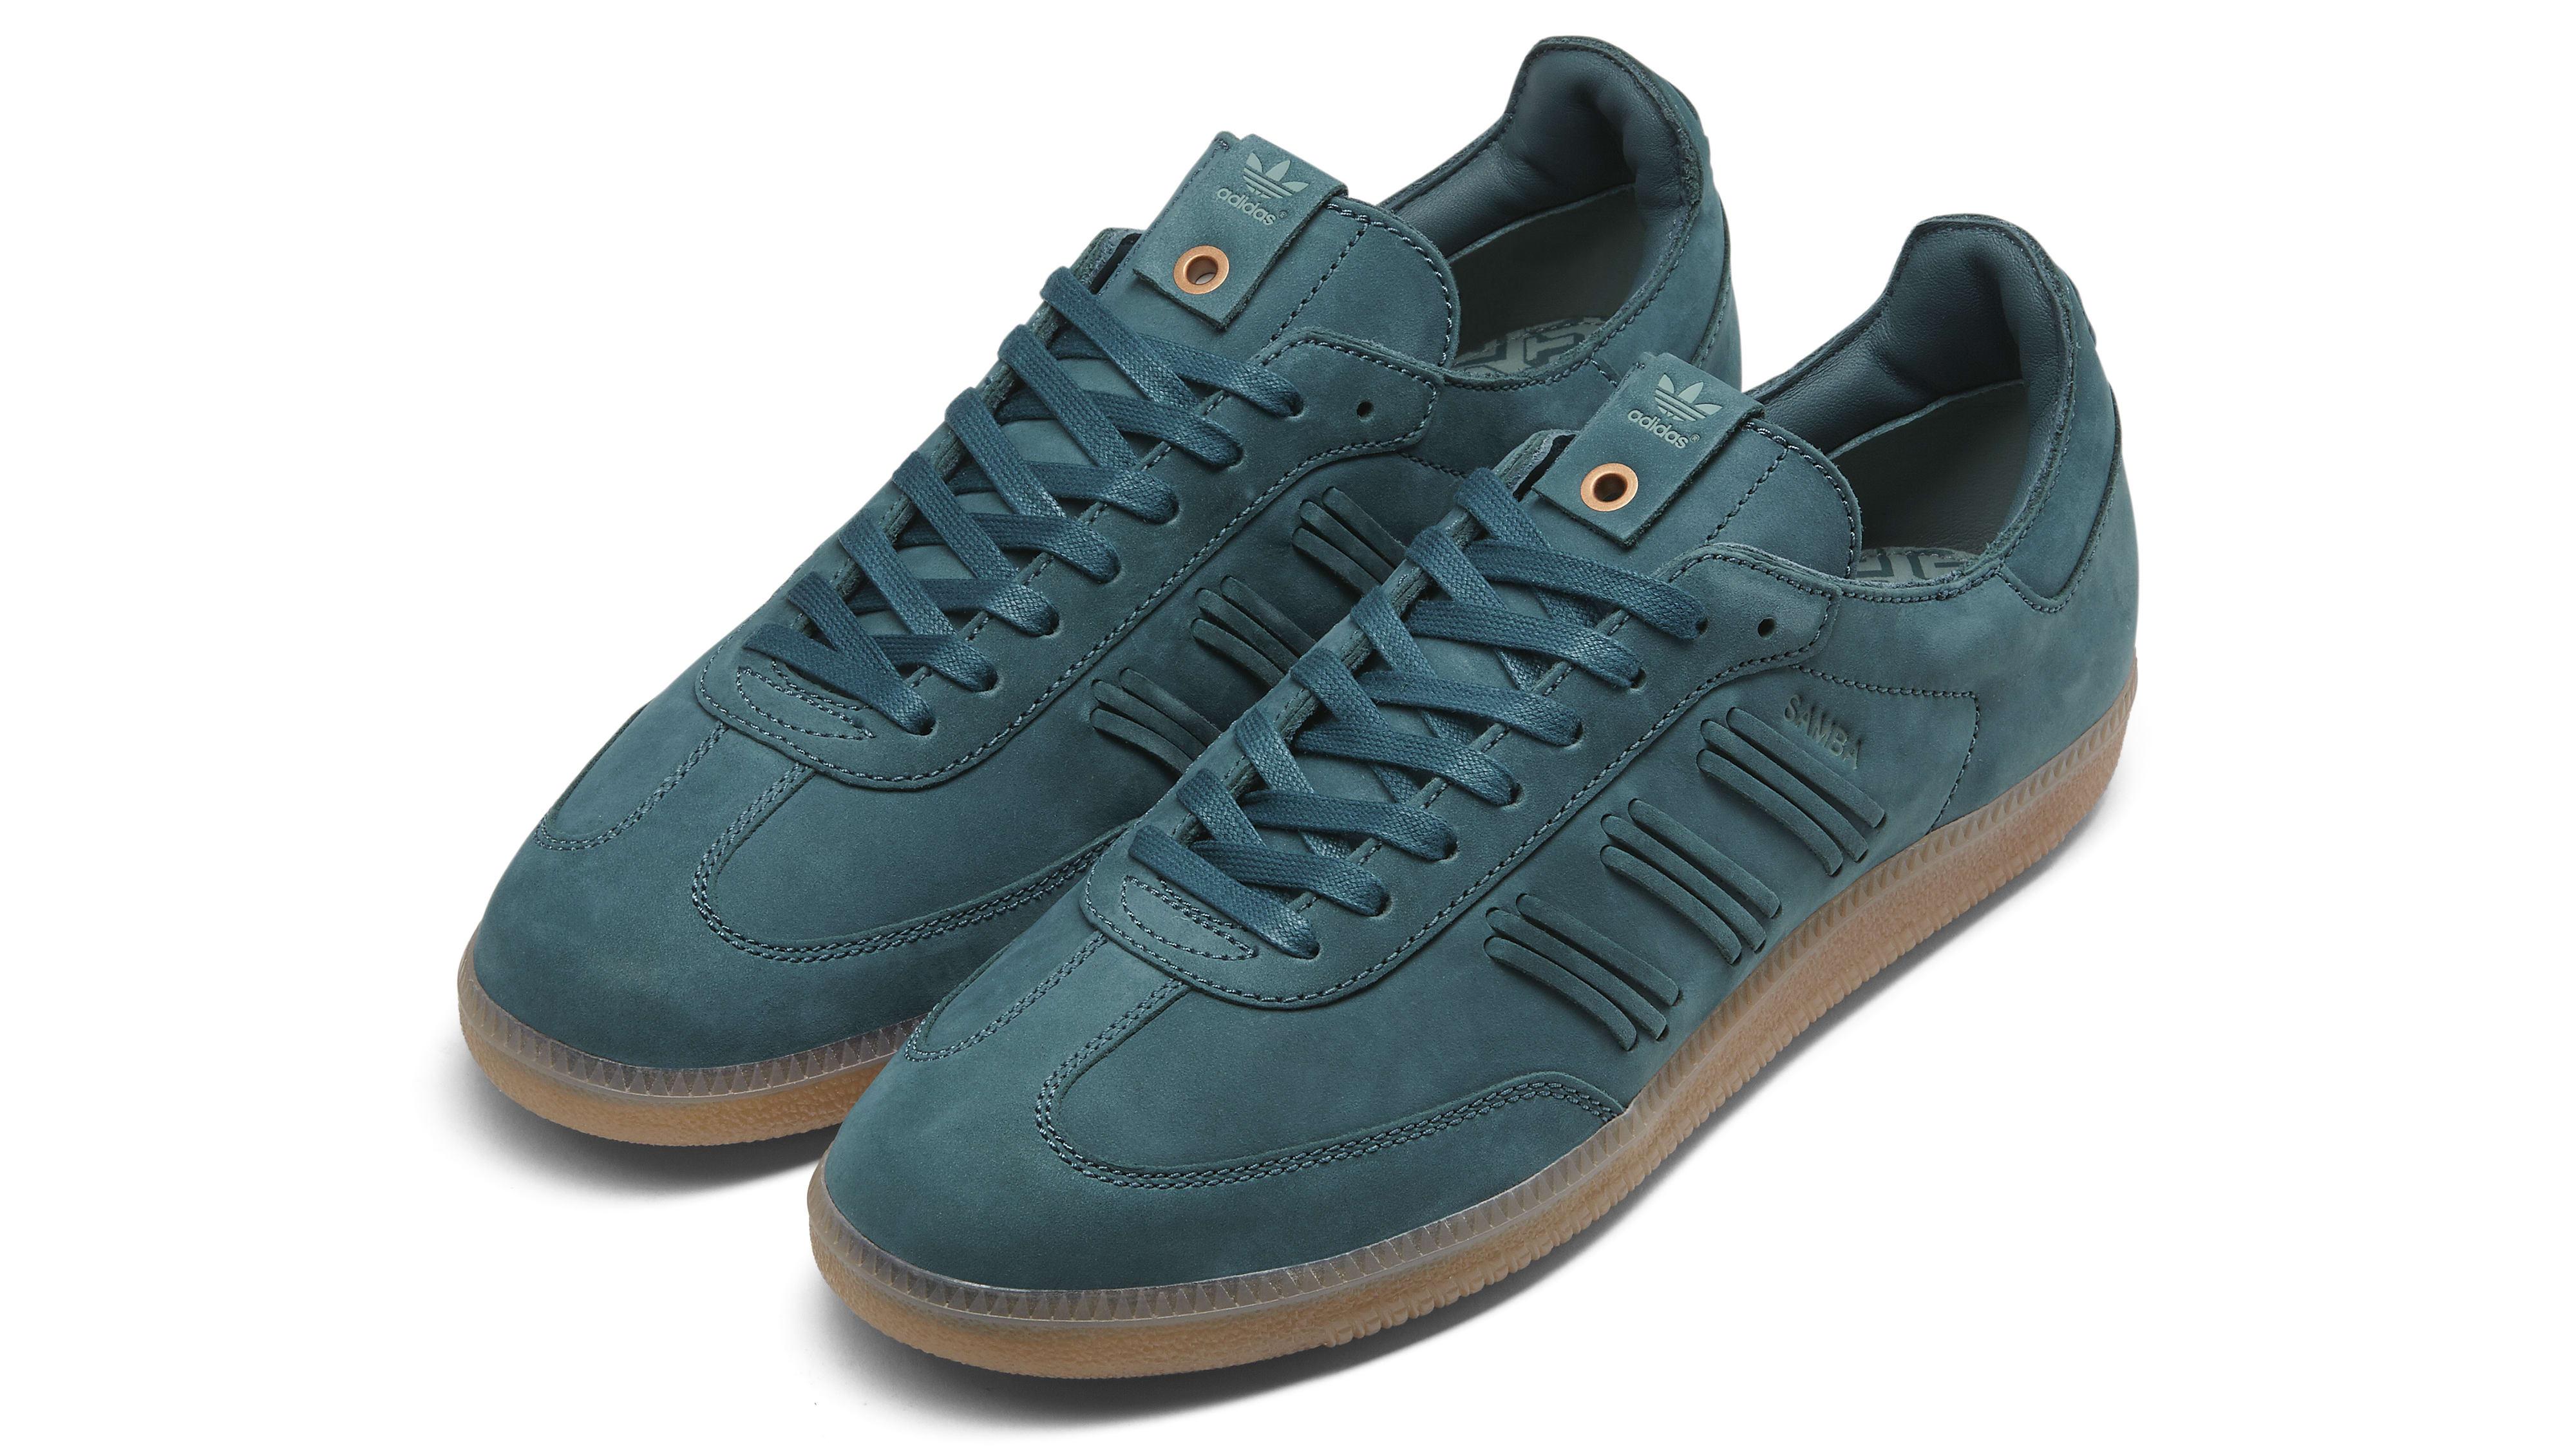 Image via Adidas Adidas Consortium Samba \